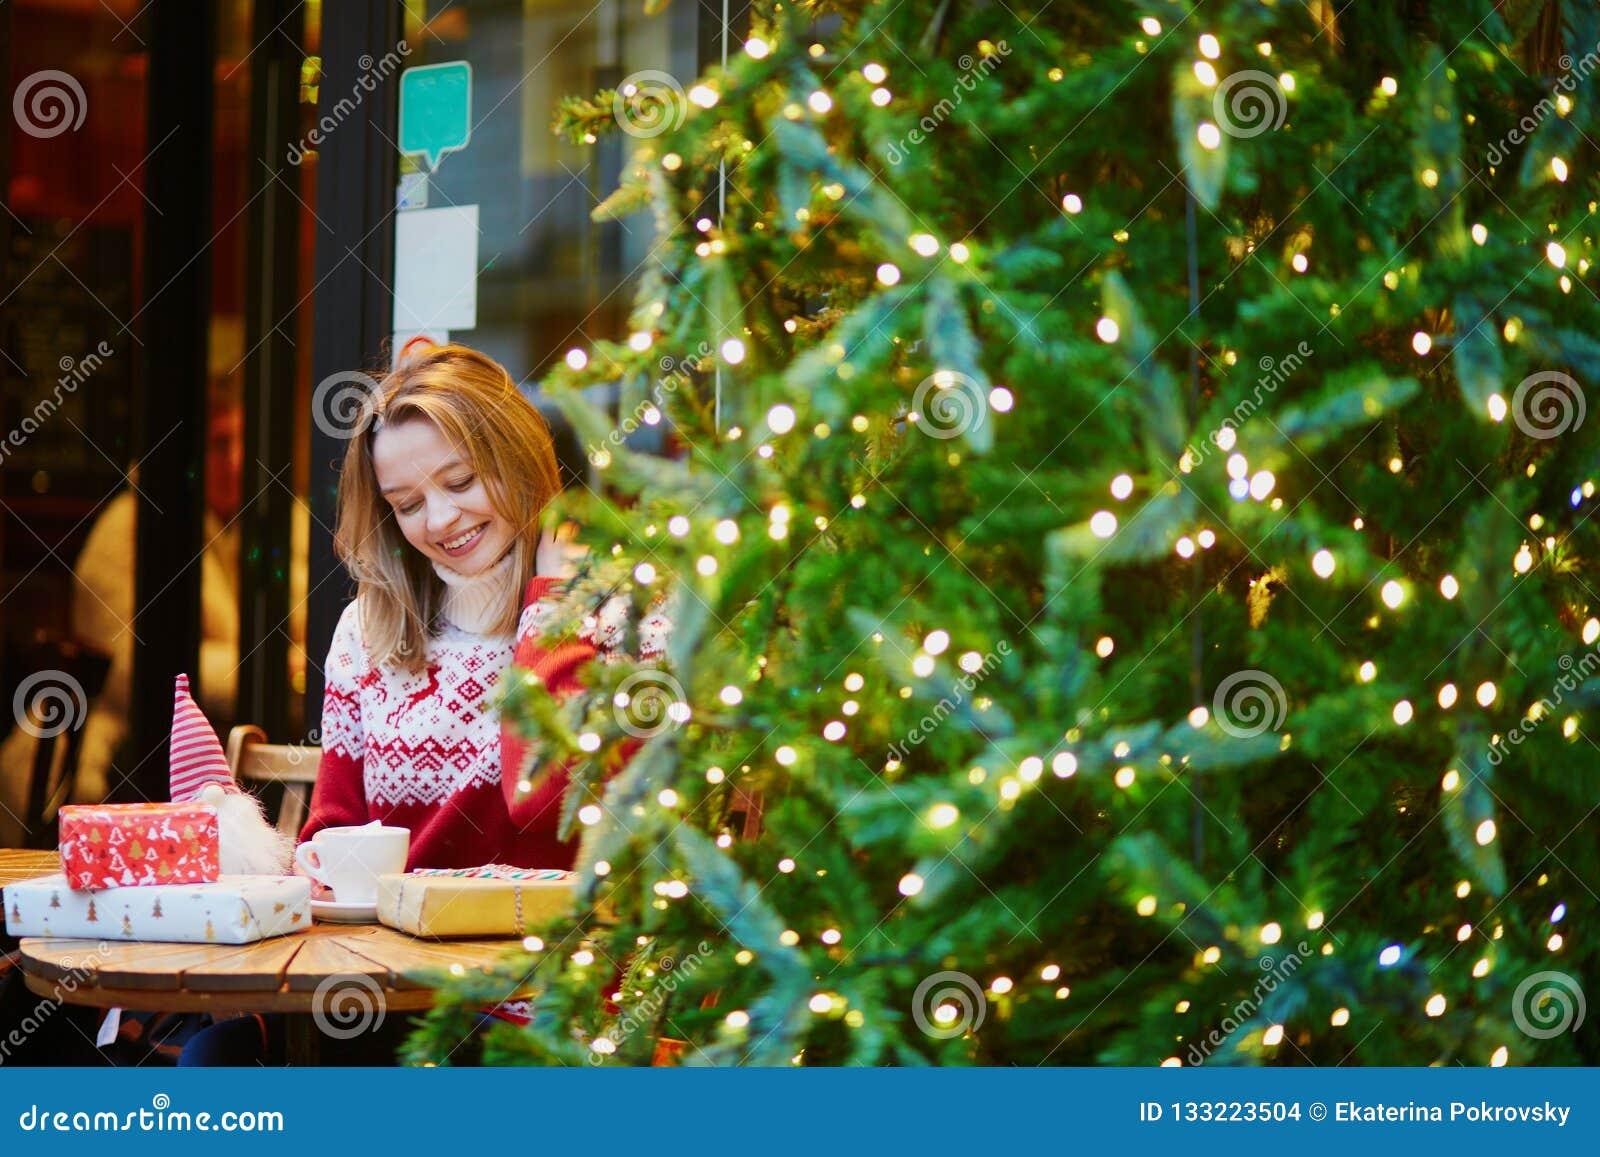 假日毛线衣饮用的咖啡或巧克力热饮的女孩在为圣诞节装饰的咖啡馆